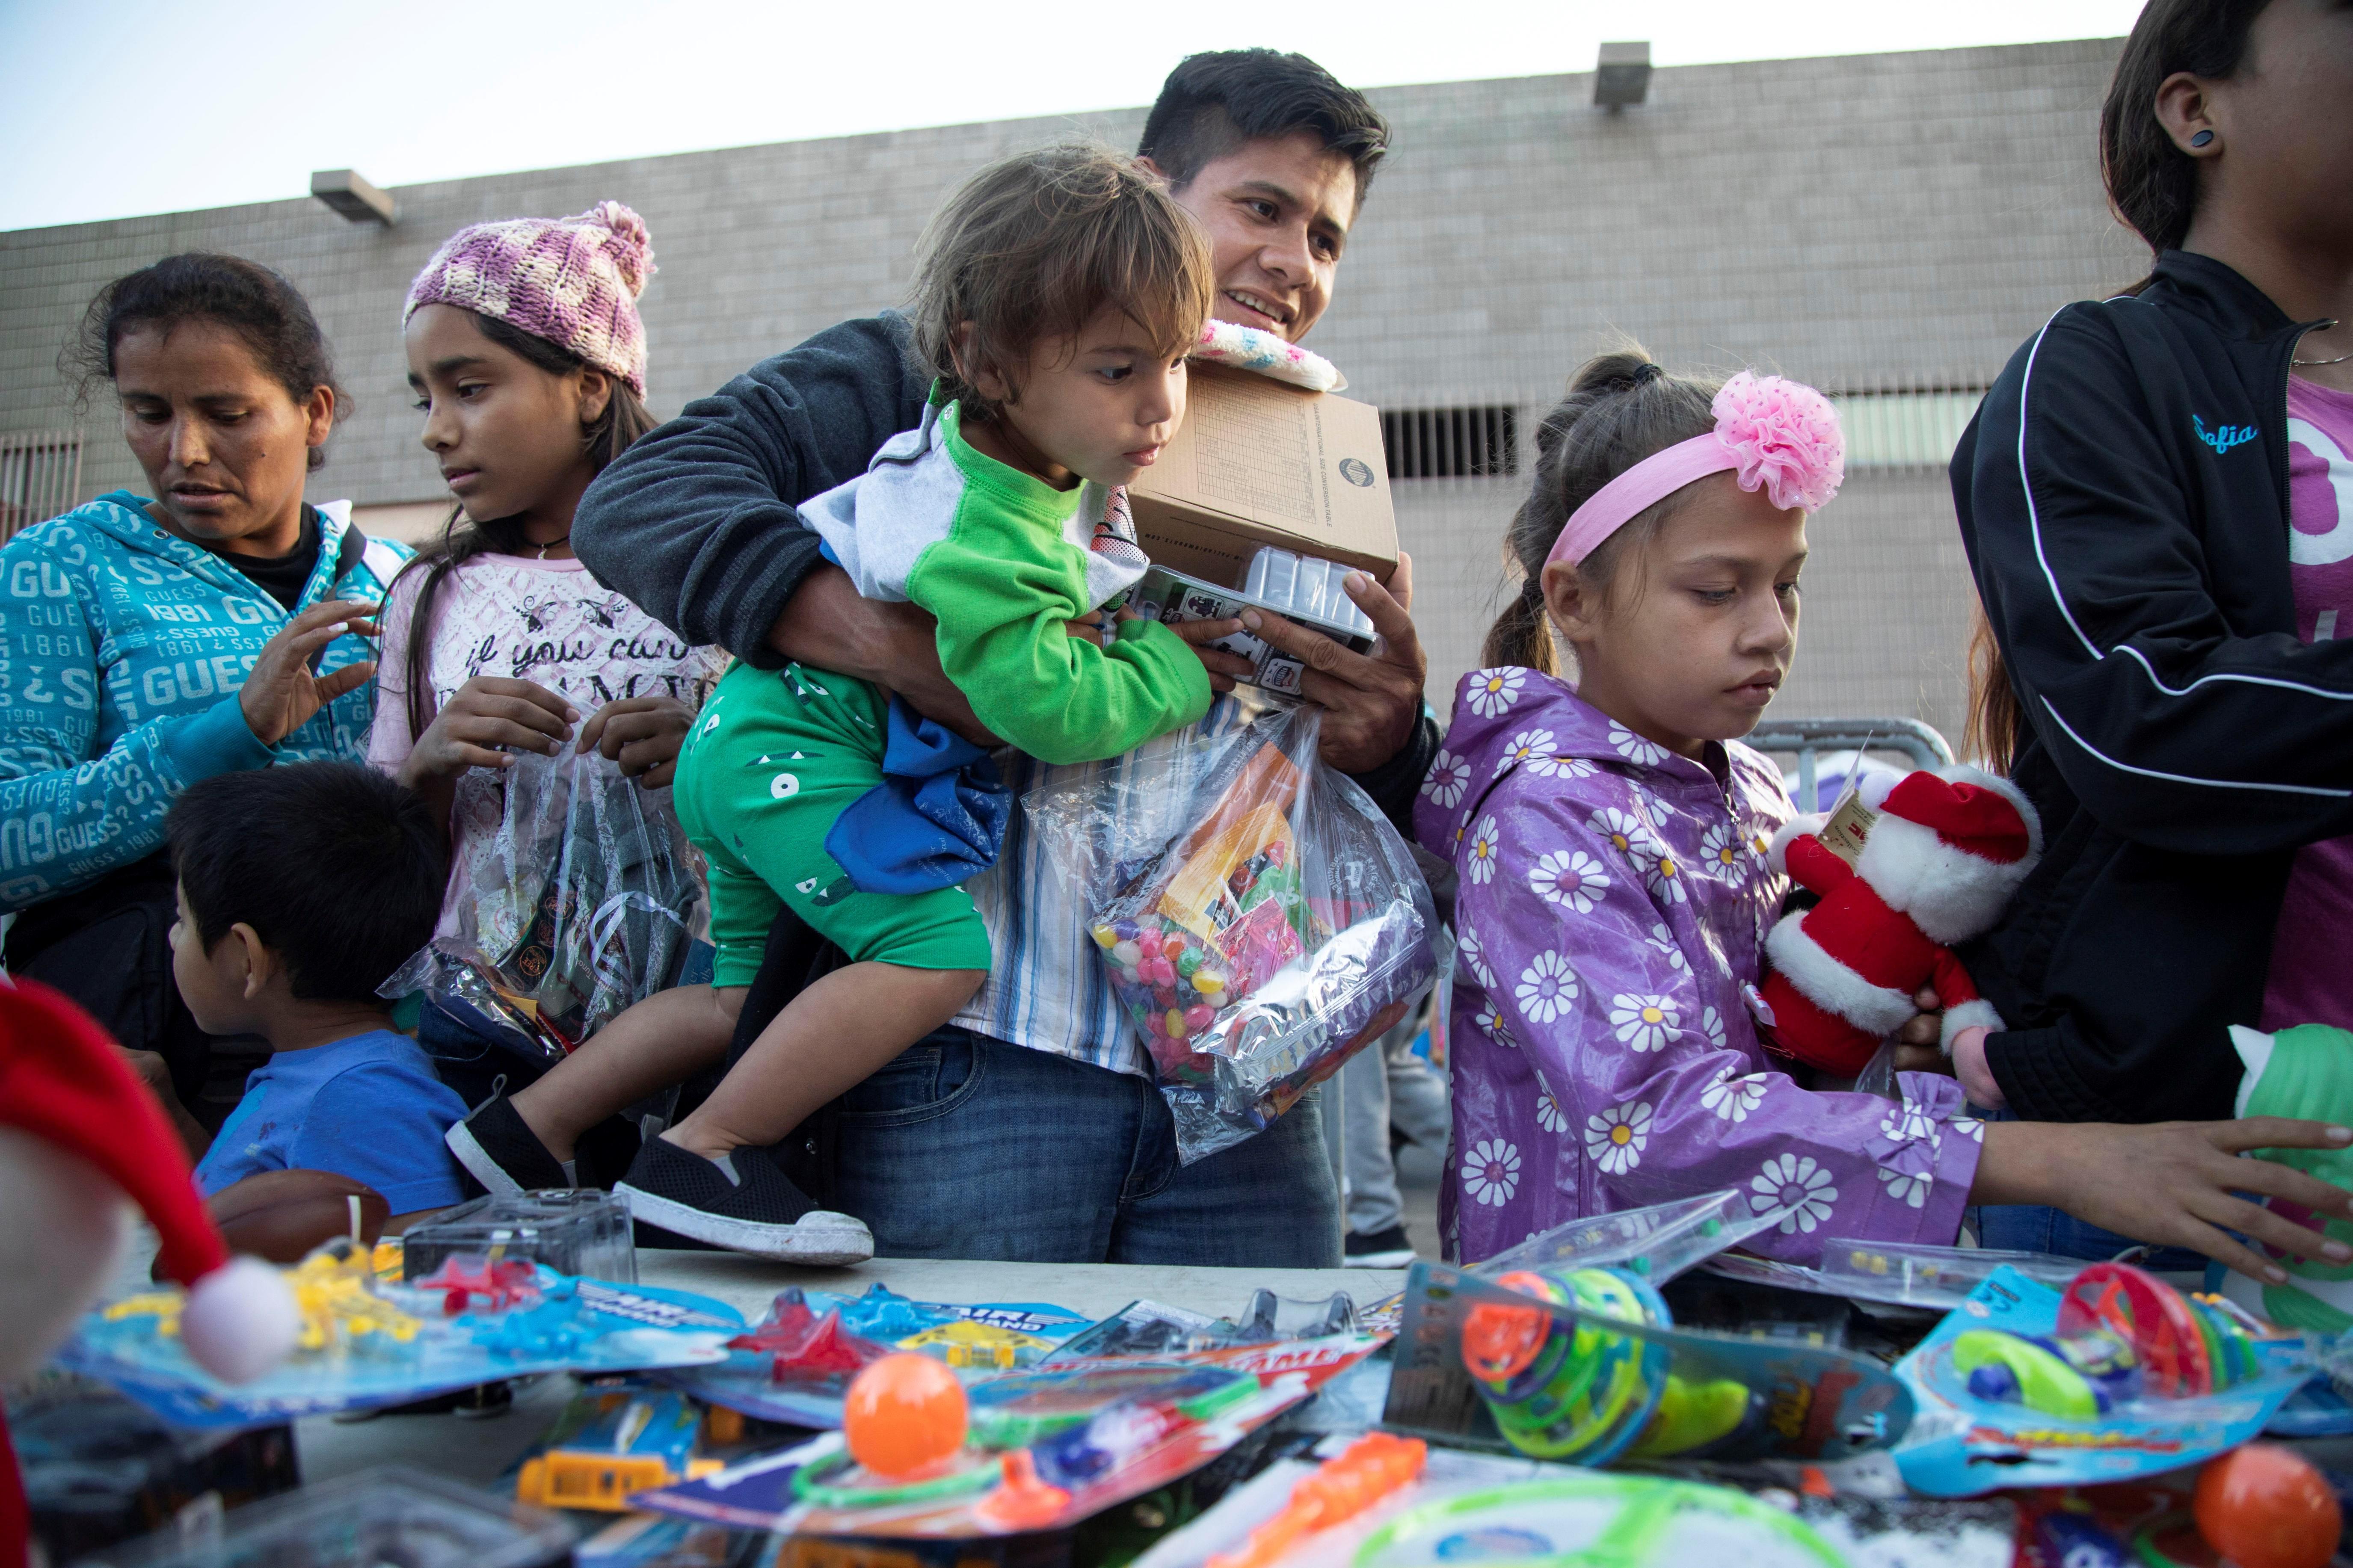 menors nens nadal frontera estats units - efe